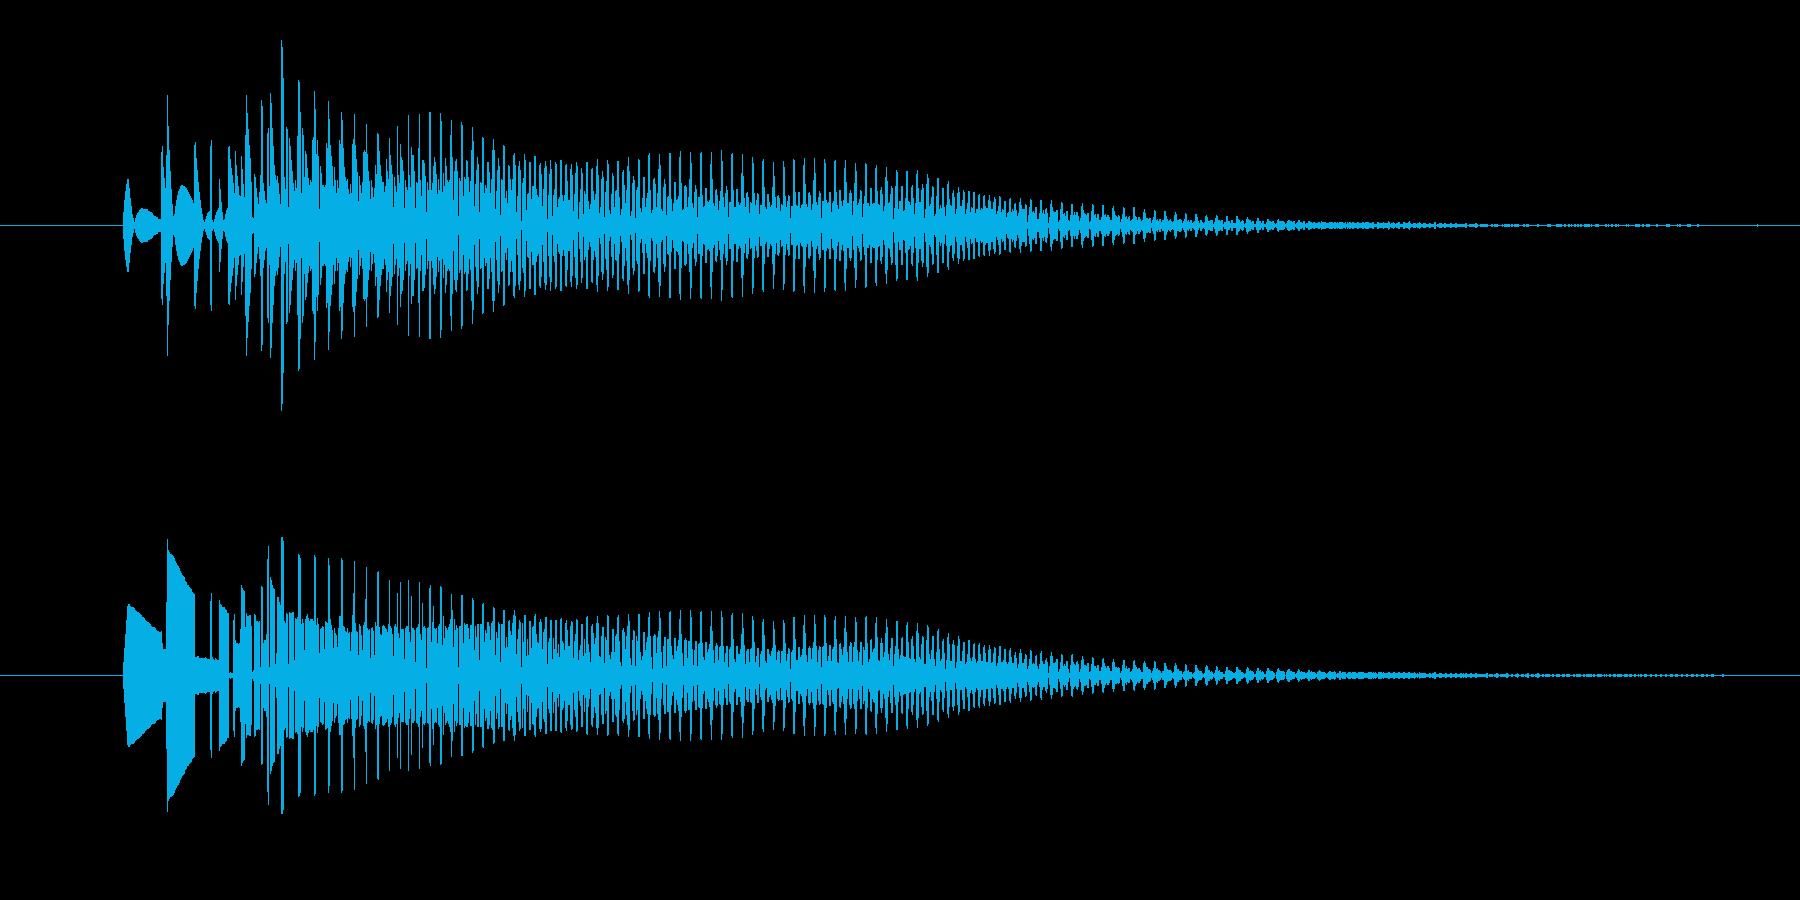 プオンッ。 デジタル音。の再生済みの波形